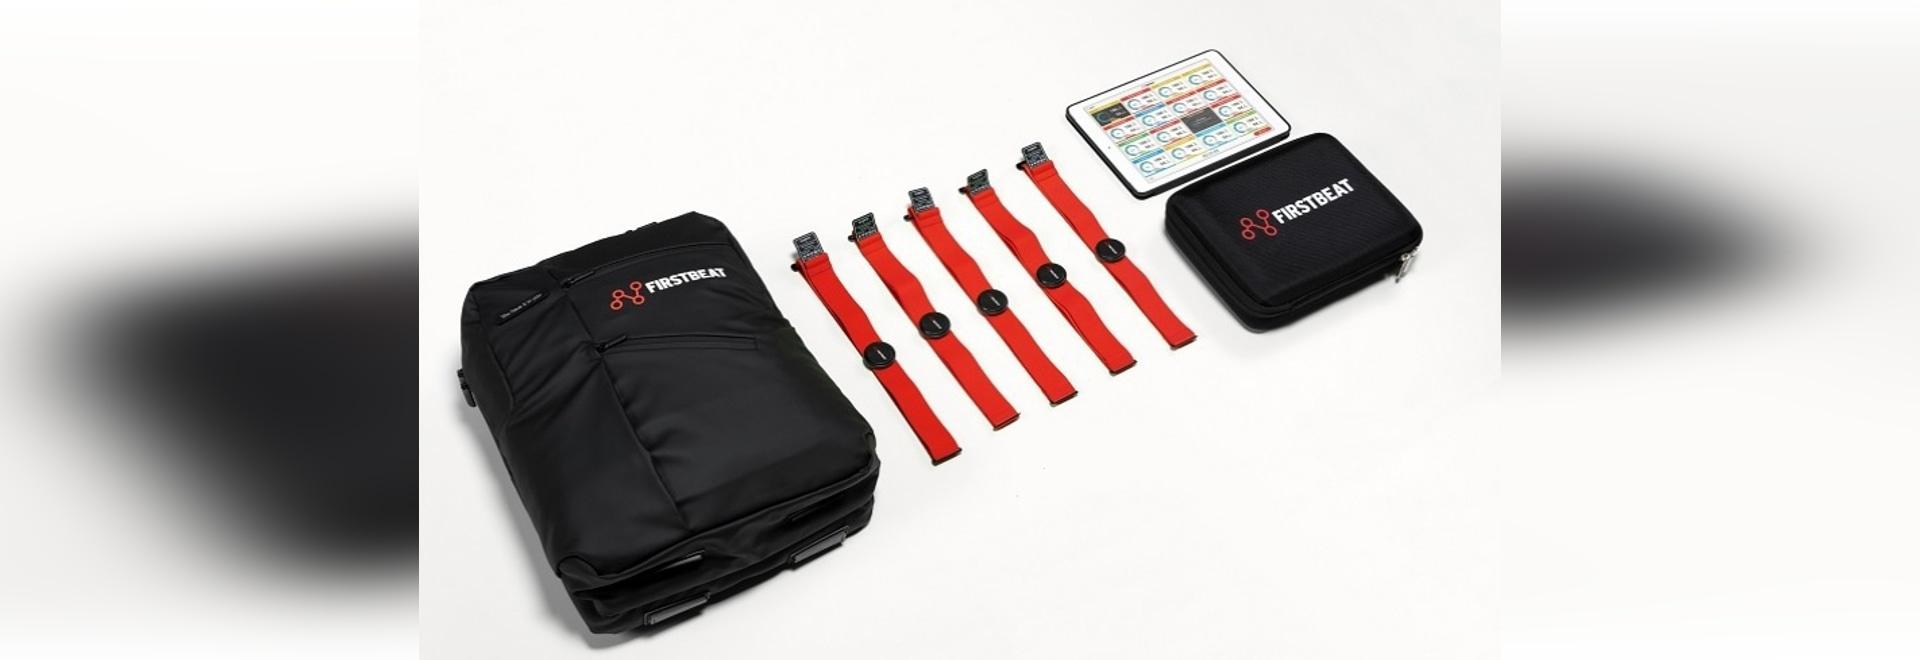 Un sensor deportivo y una aplicación que permite la libertad de entrenamiento